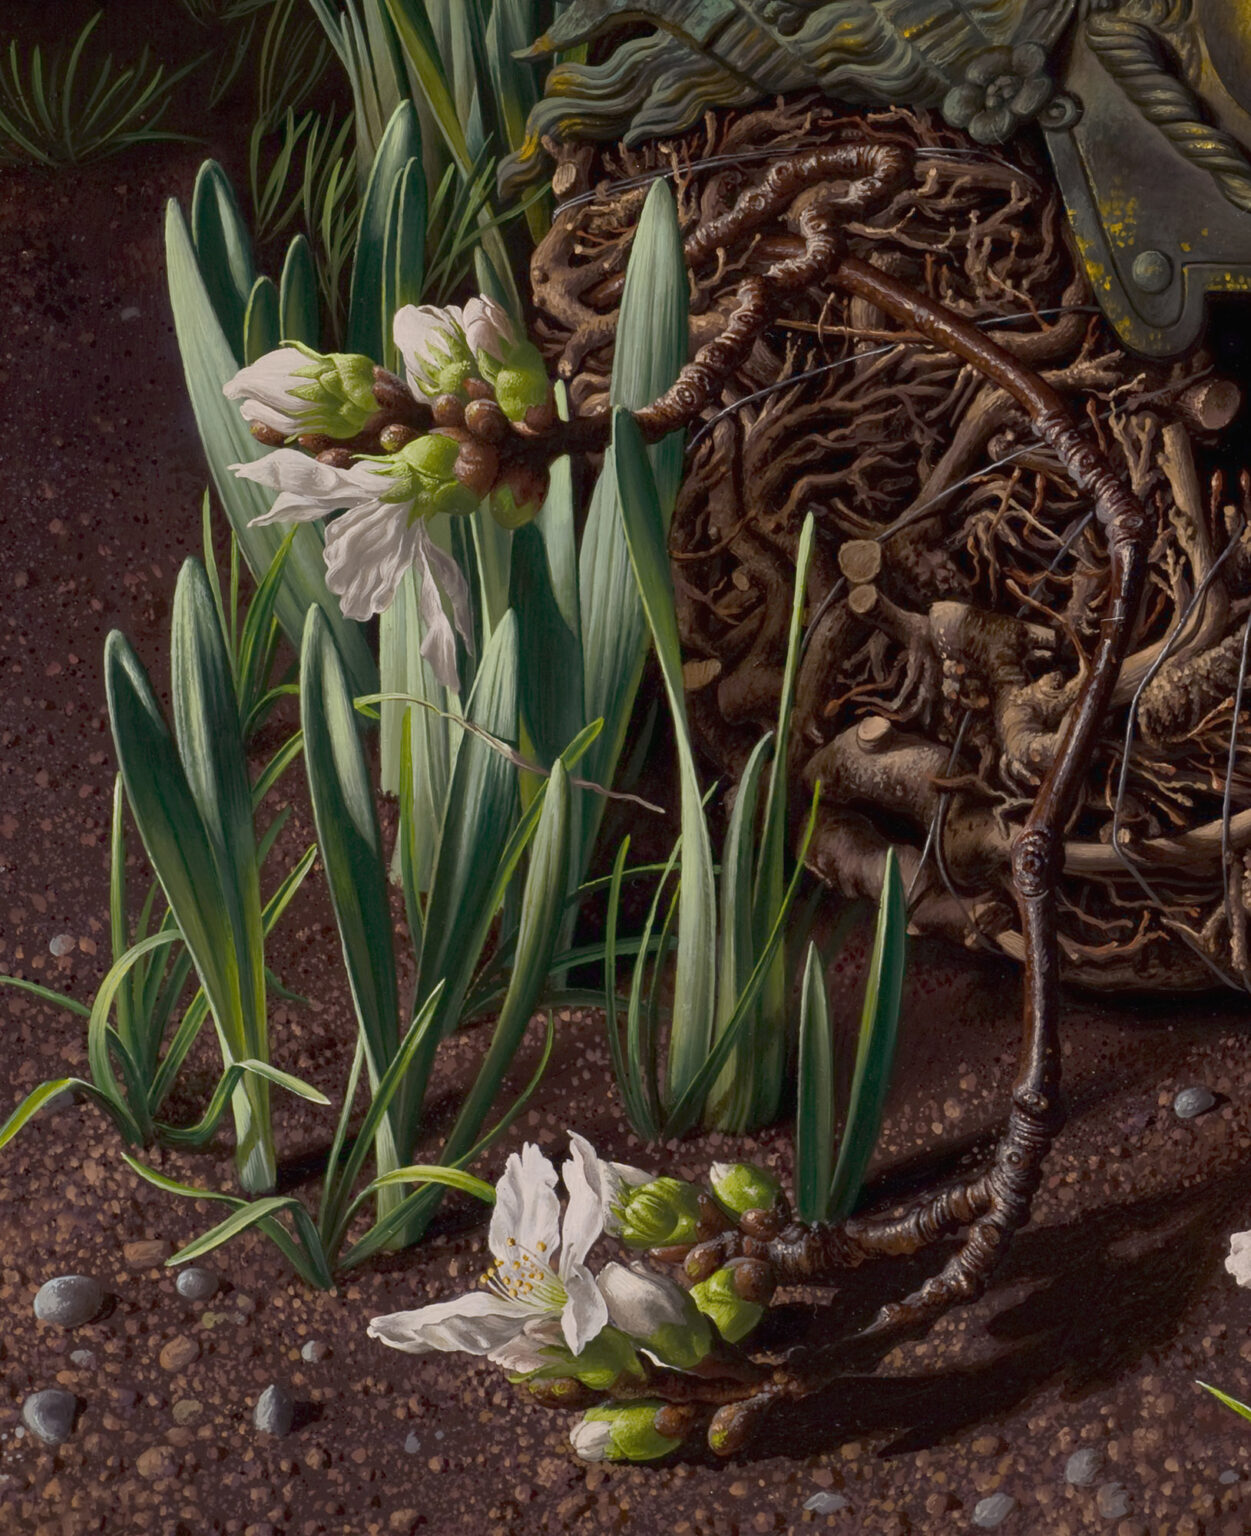 TITANIA-giclee-print-detail 3-Miriam-Escofet